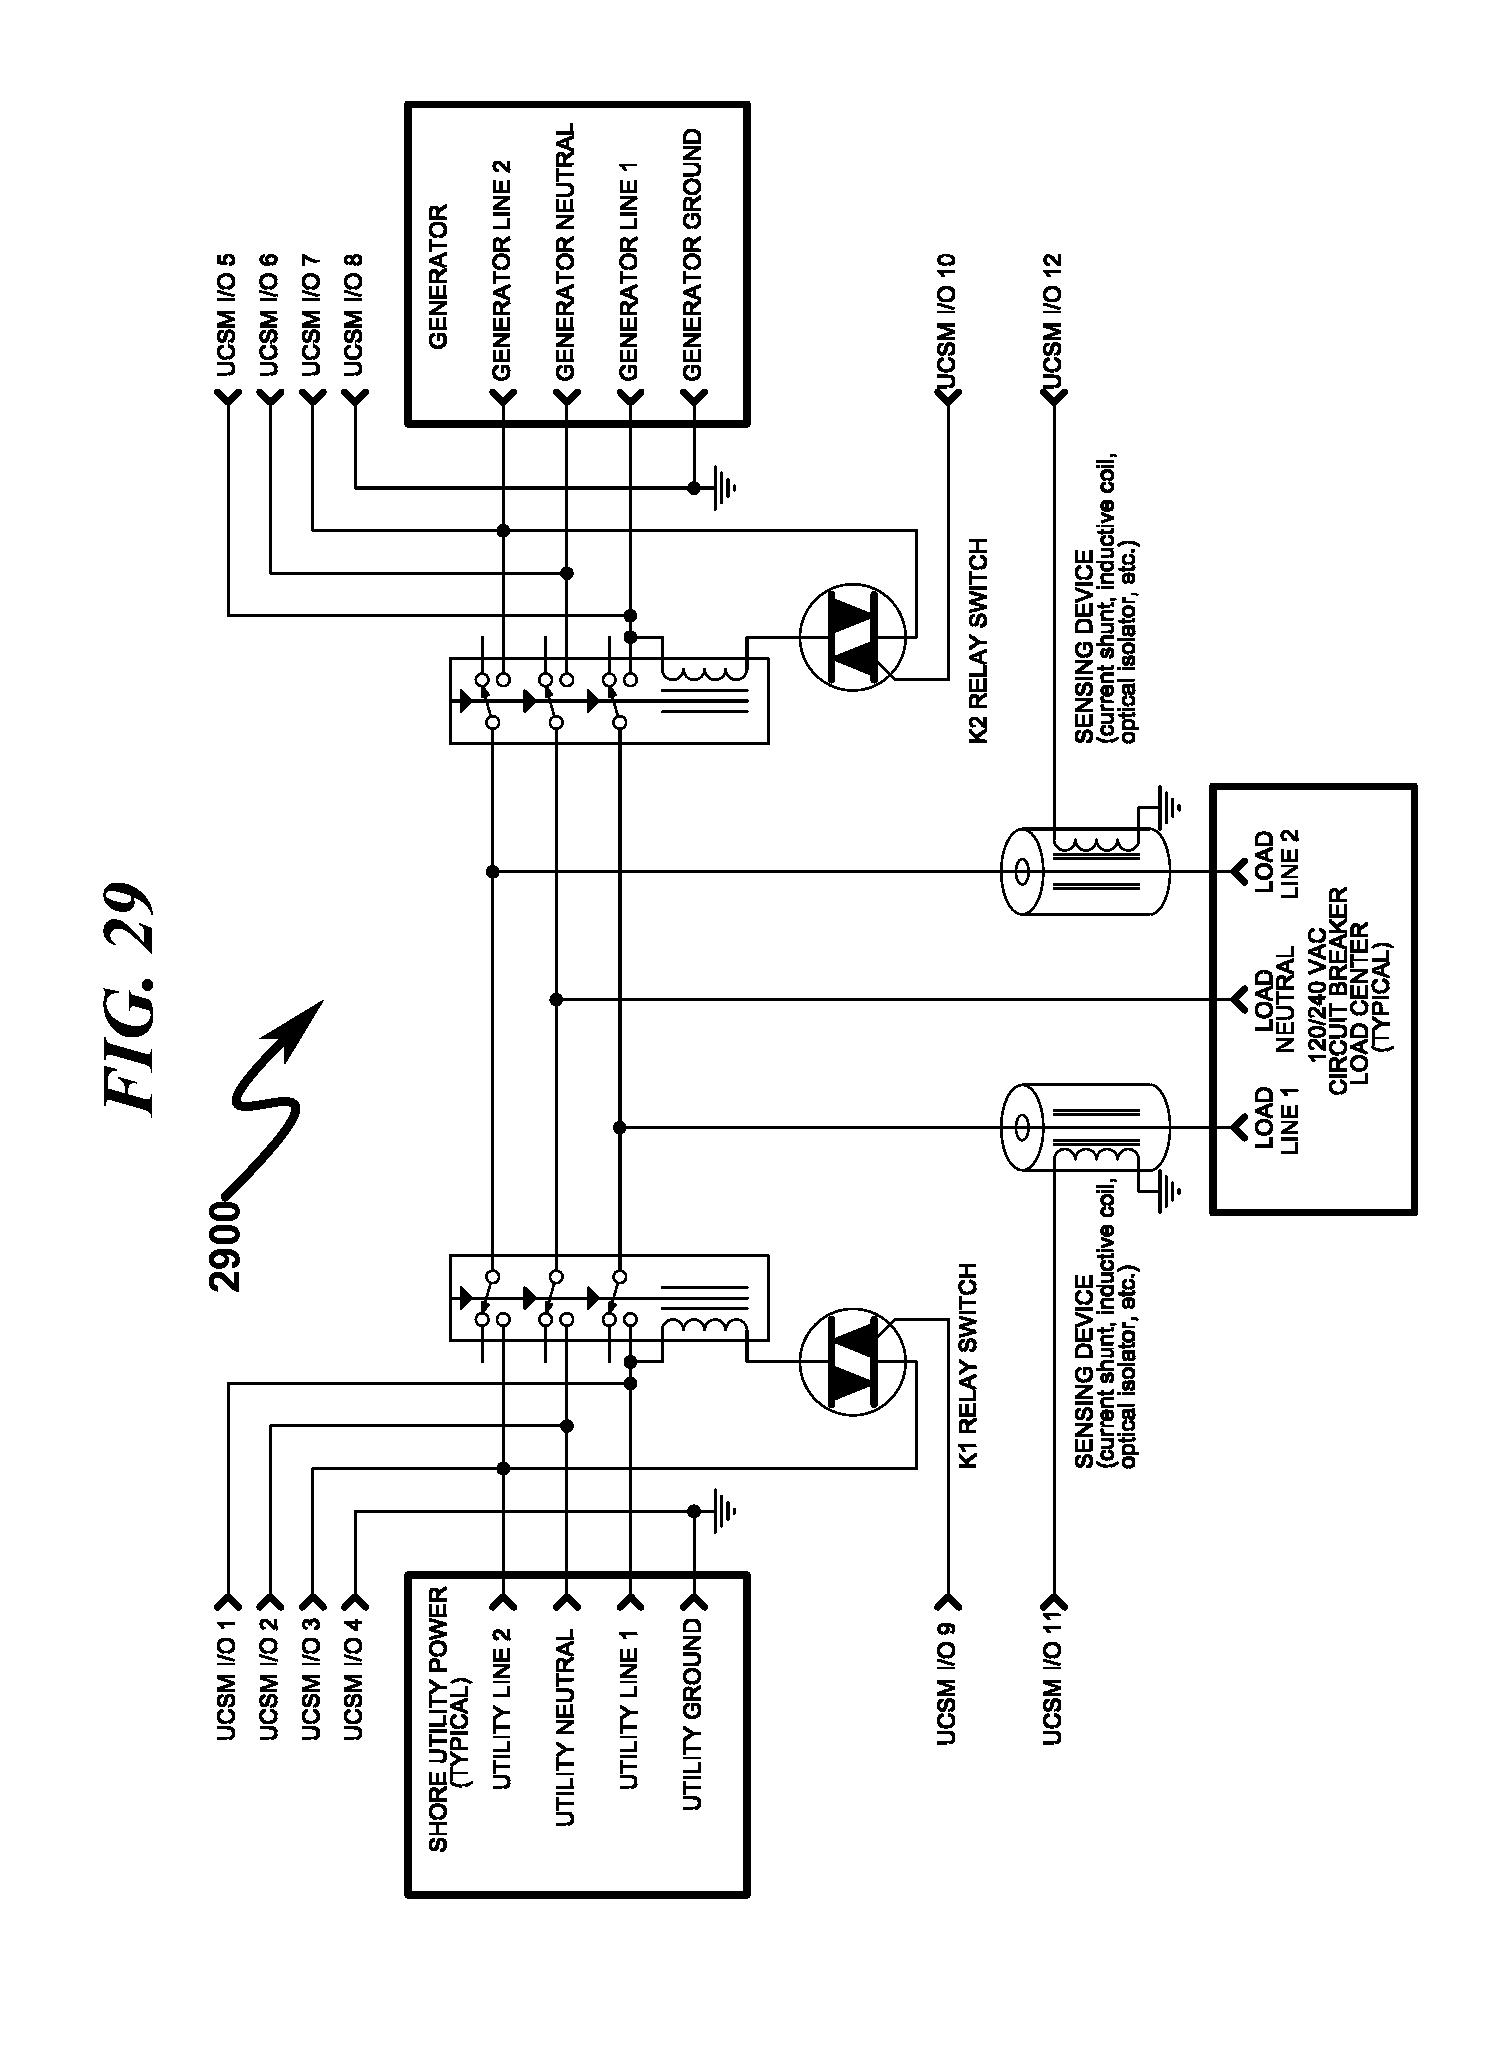 mach 460 wiring diagram pdf mach 460 amp schematic wiring